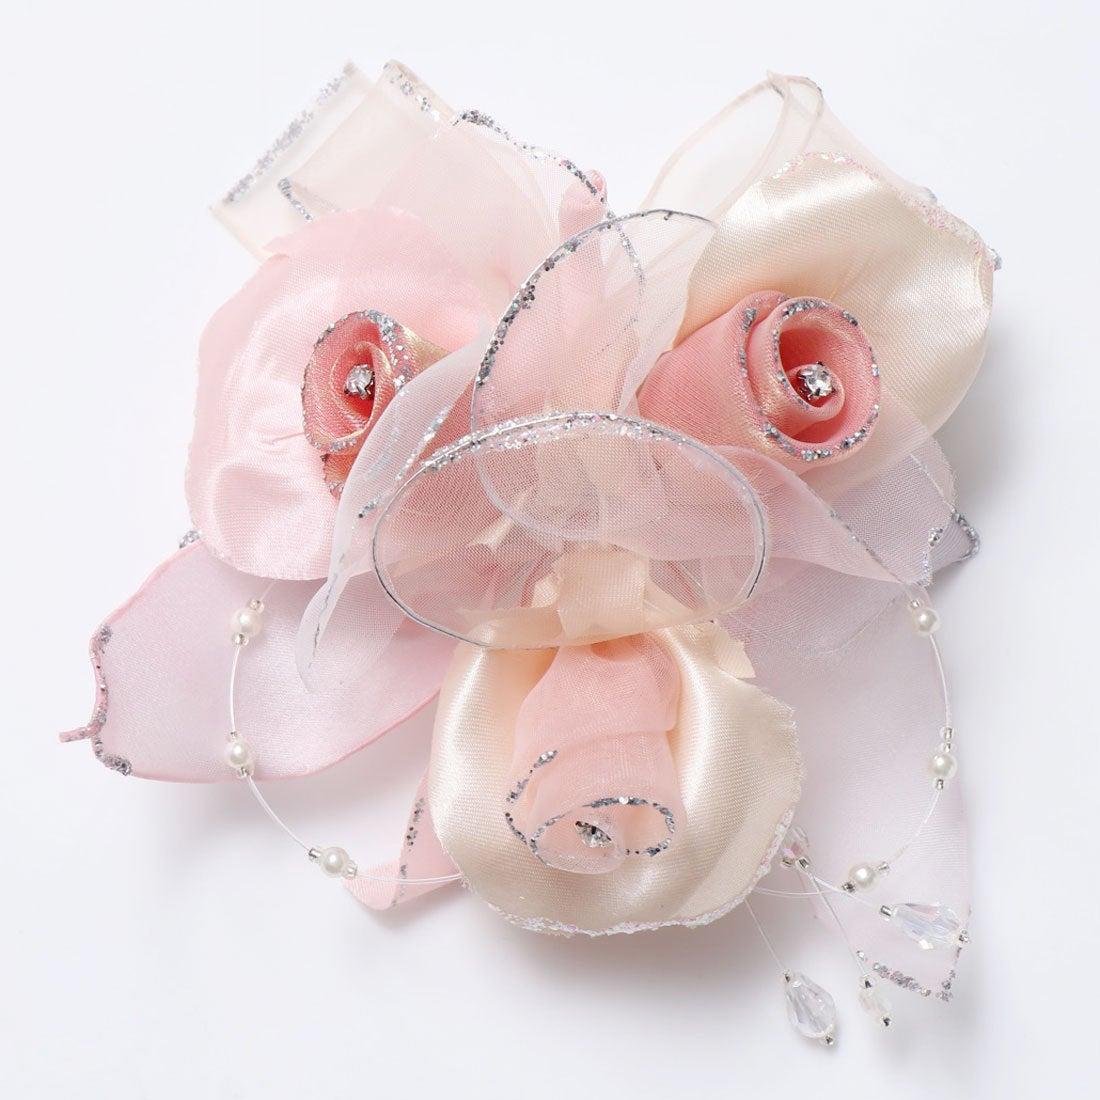 ロコンド 靴とファッションの通販サイトプレンドレ ラ ジョア prendre la joie 3輪オーガンジー下がりコサージュ (ピンク)